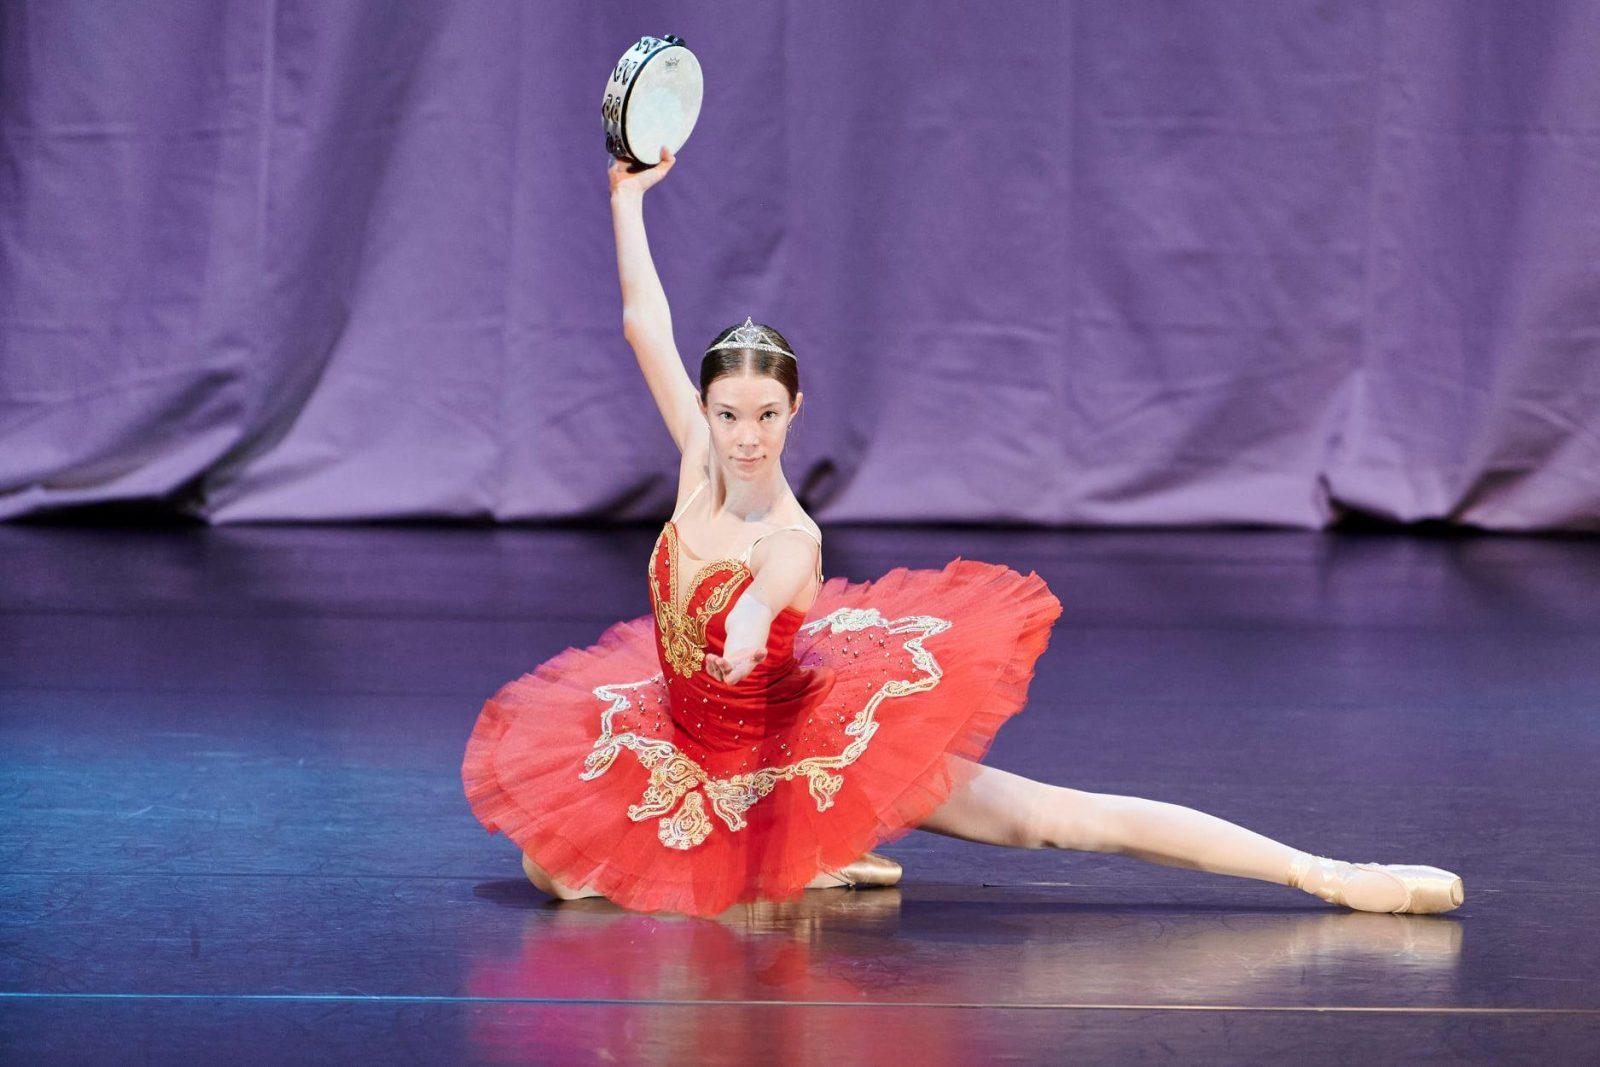 Balettitanssija esiintyy tanssinäytöksessä